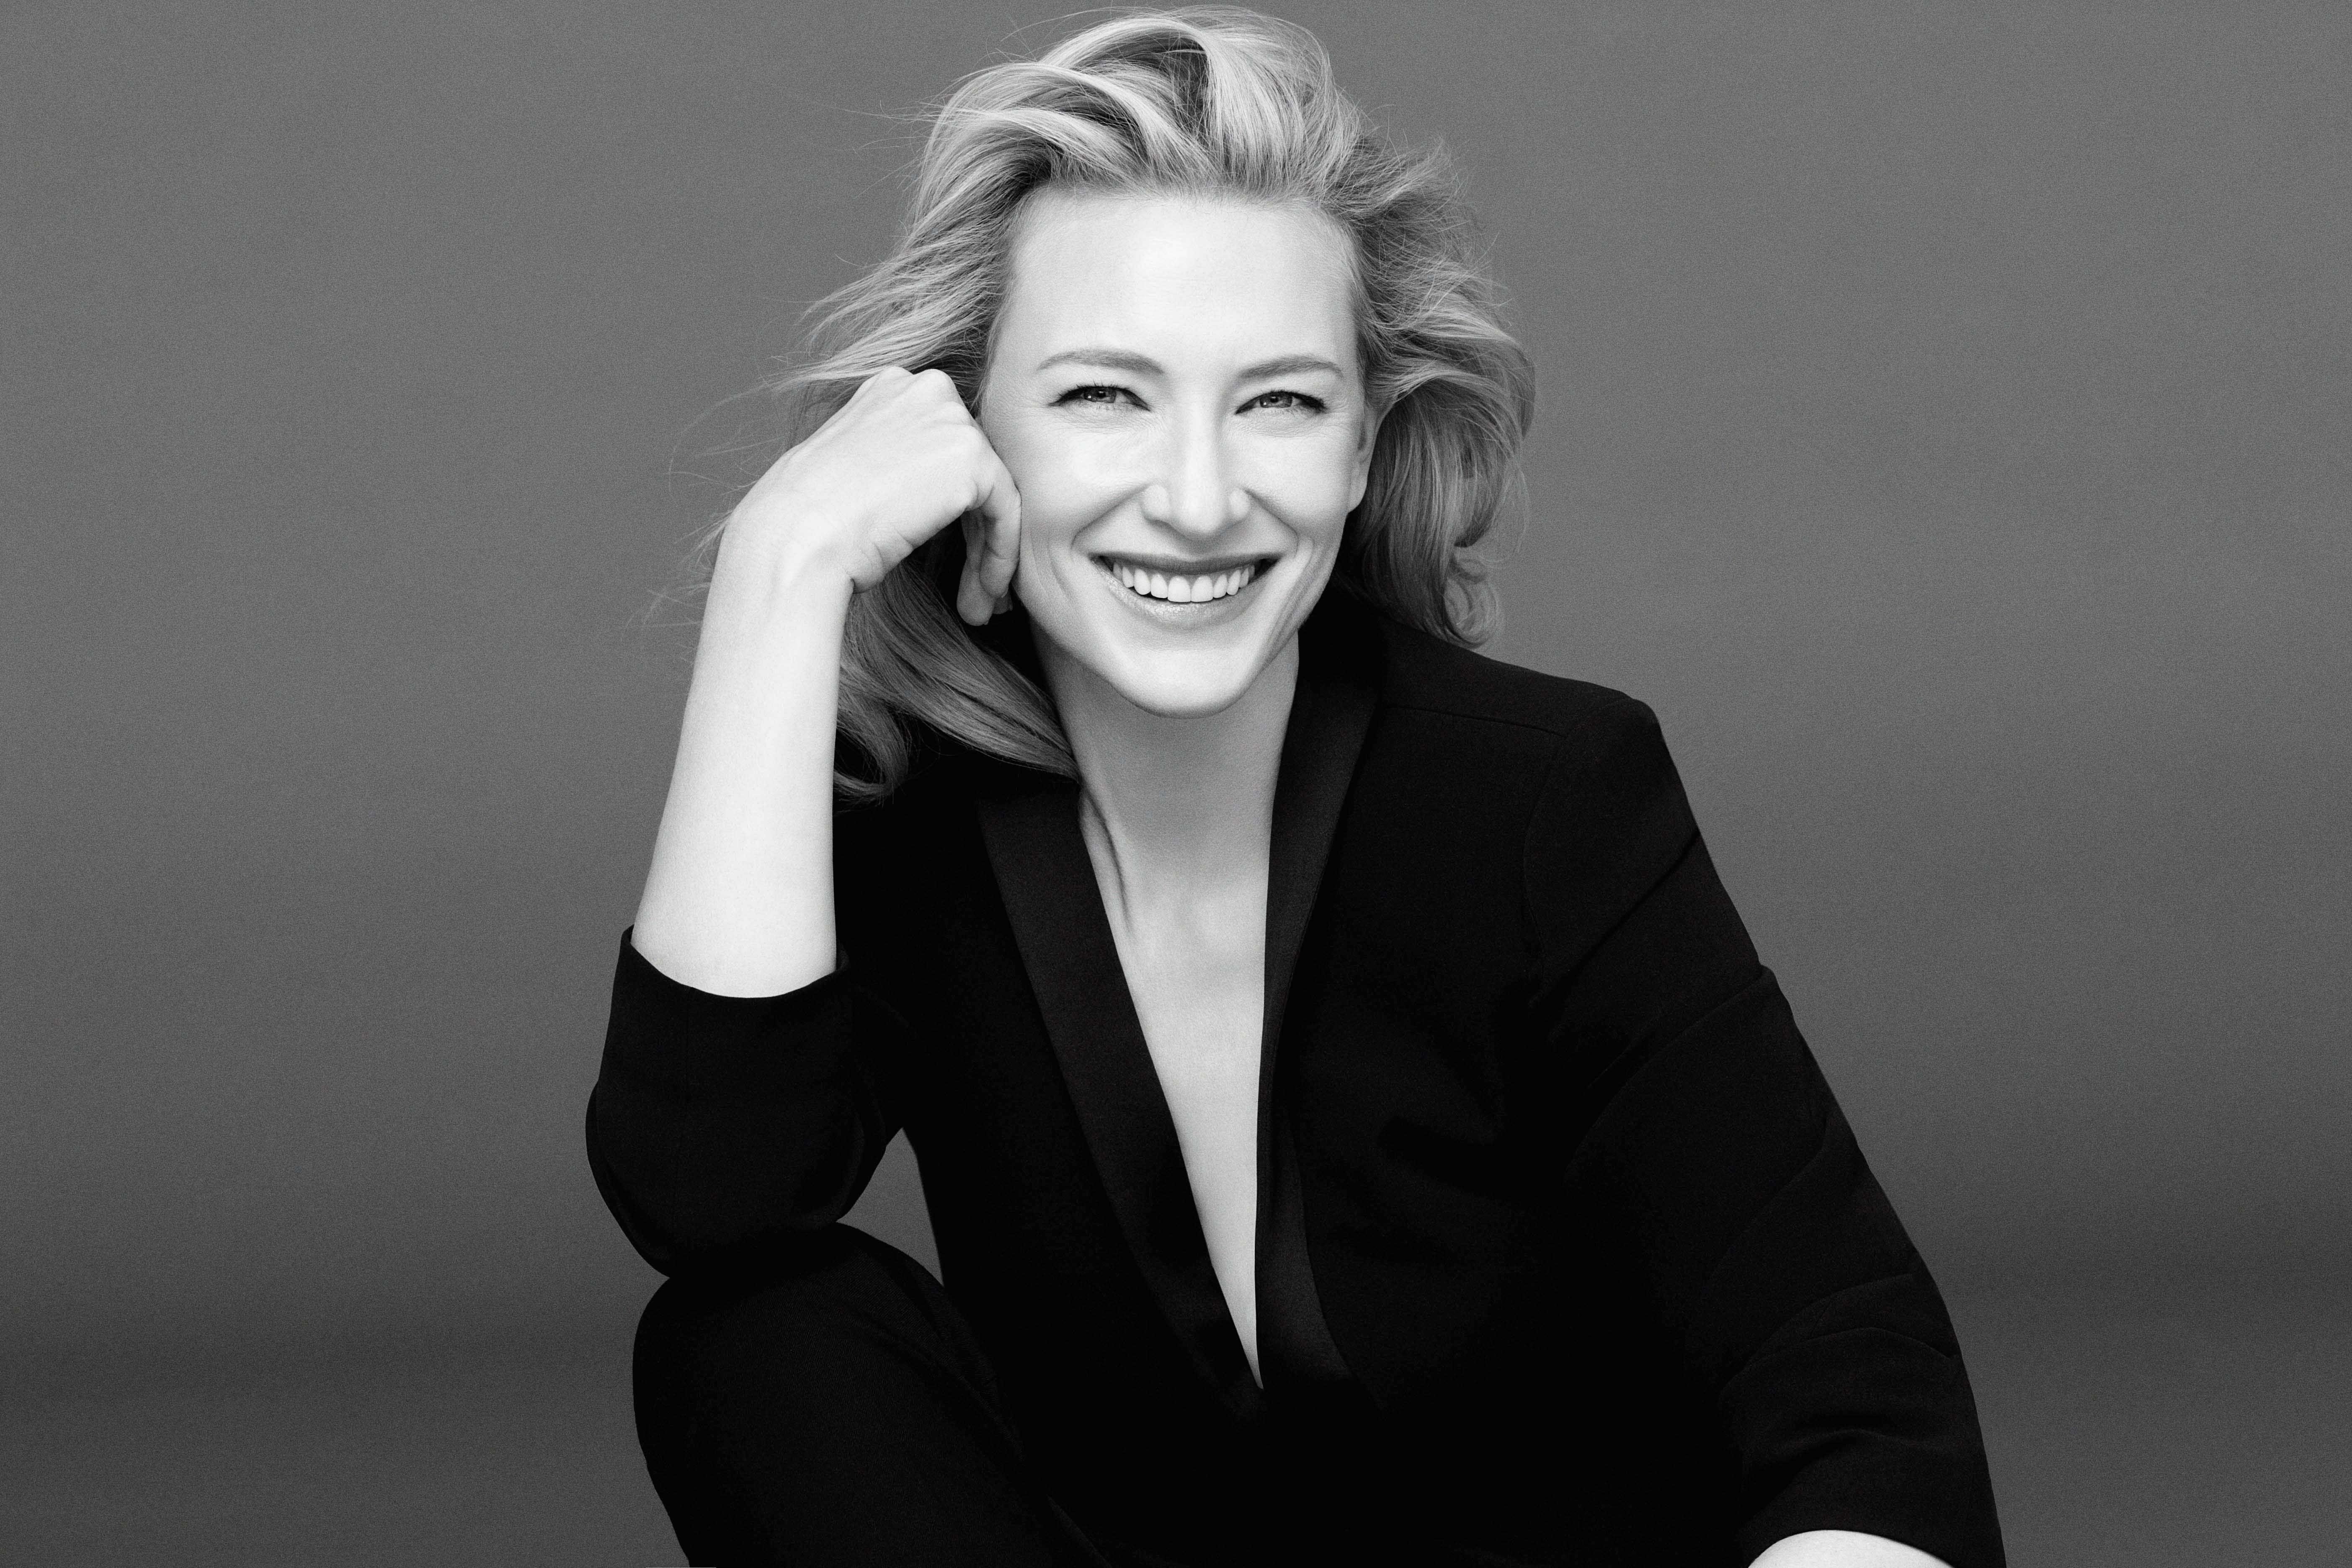 Cate Blanchett 女優, 健康